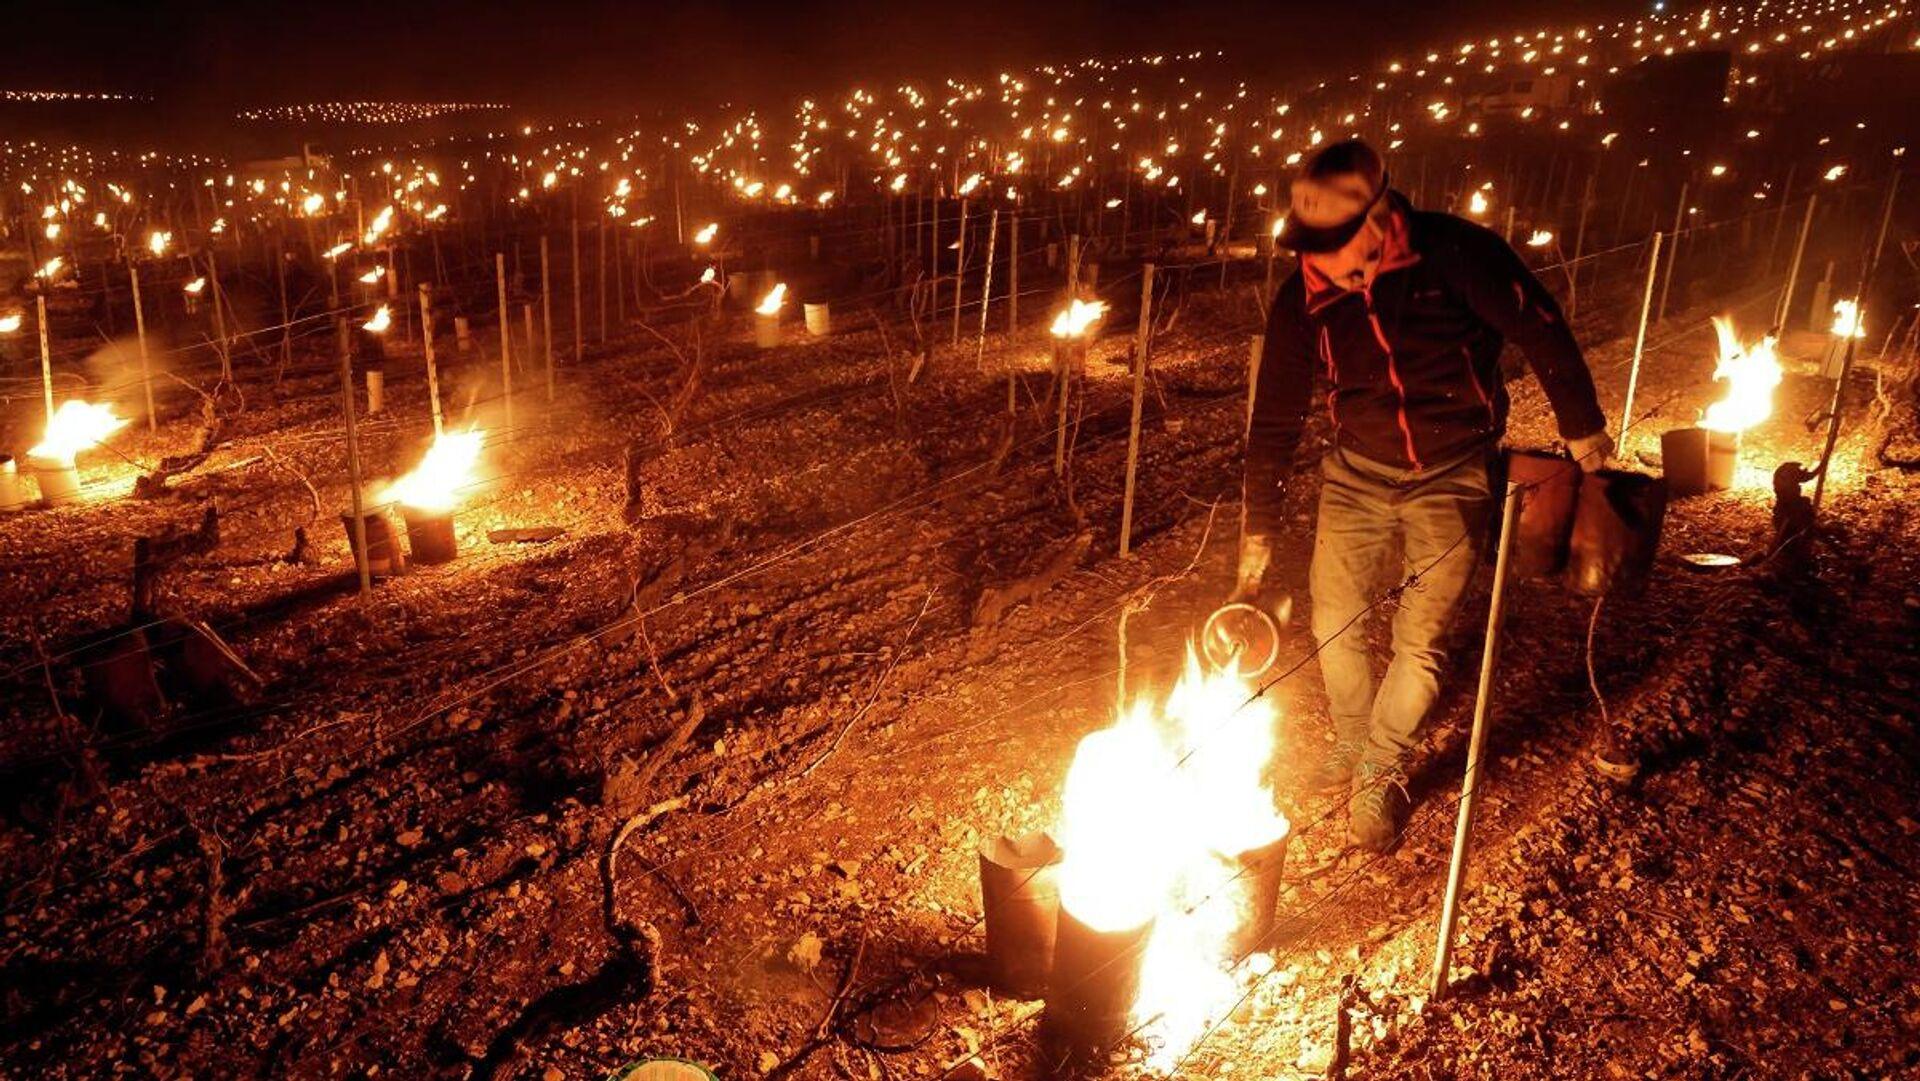 Un viticultor intenta proteger sus viñedos de las heladas en los alrededores del municipio de Chablis, el 7 de abril de 2021 - Sputnik Mundo, 1920, 11.04.2021